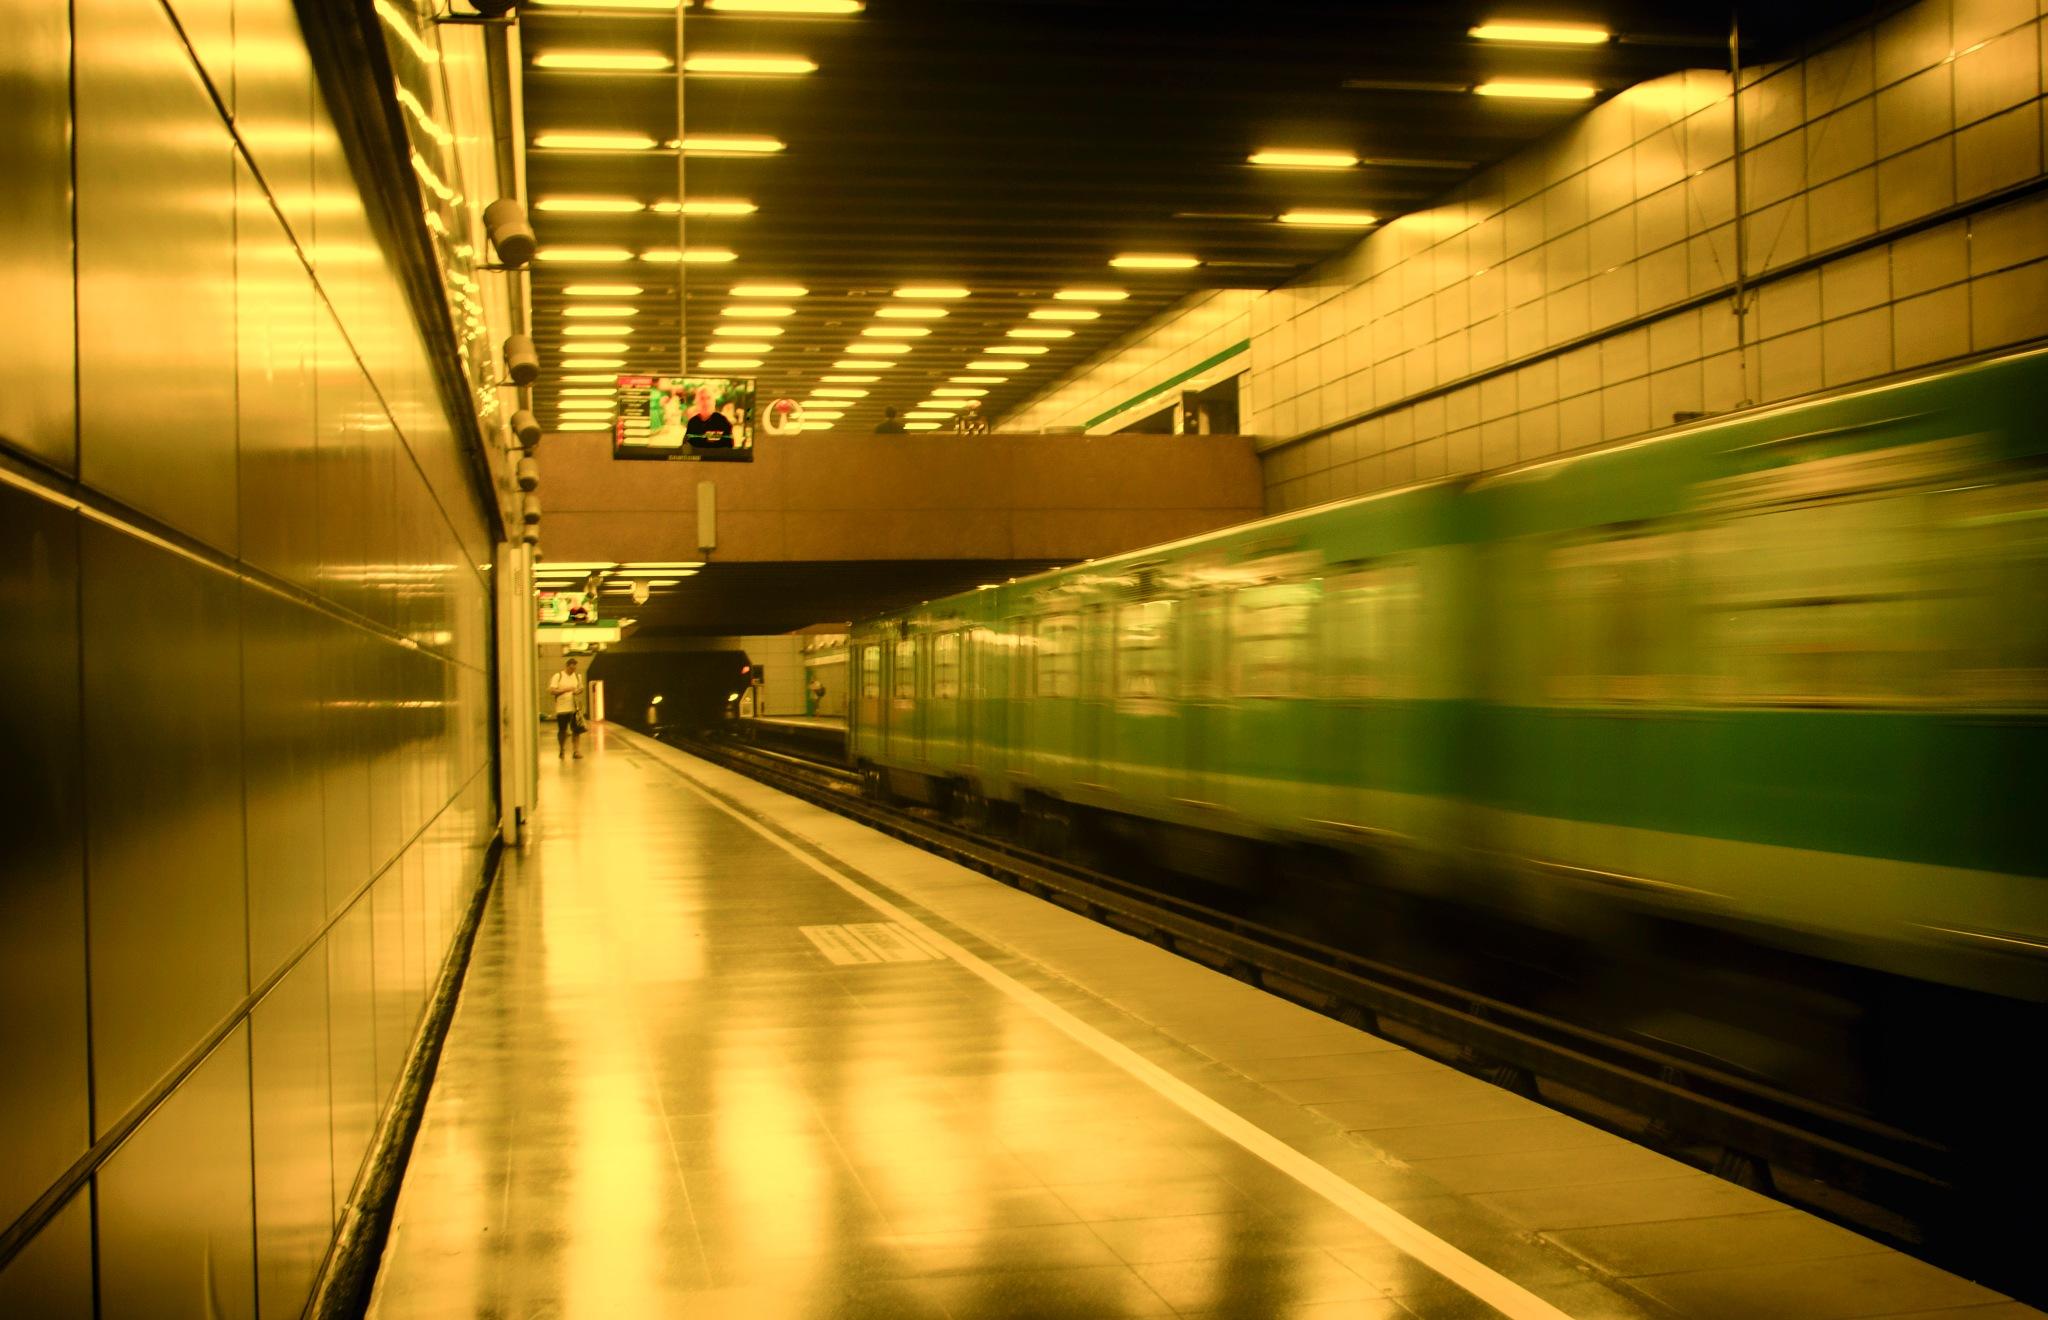 Metro by Claudio Quiroz C.